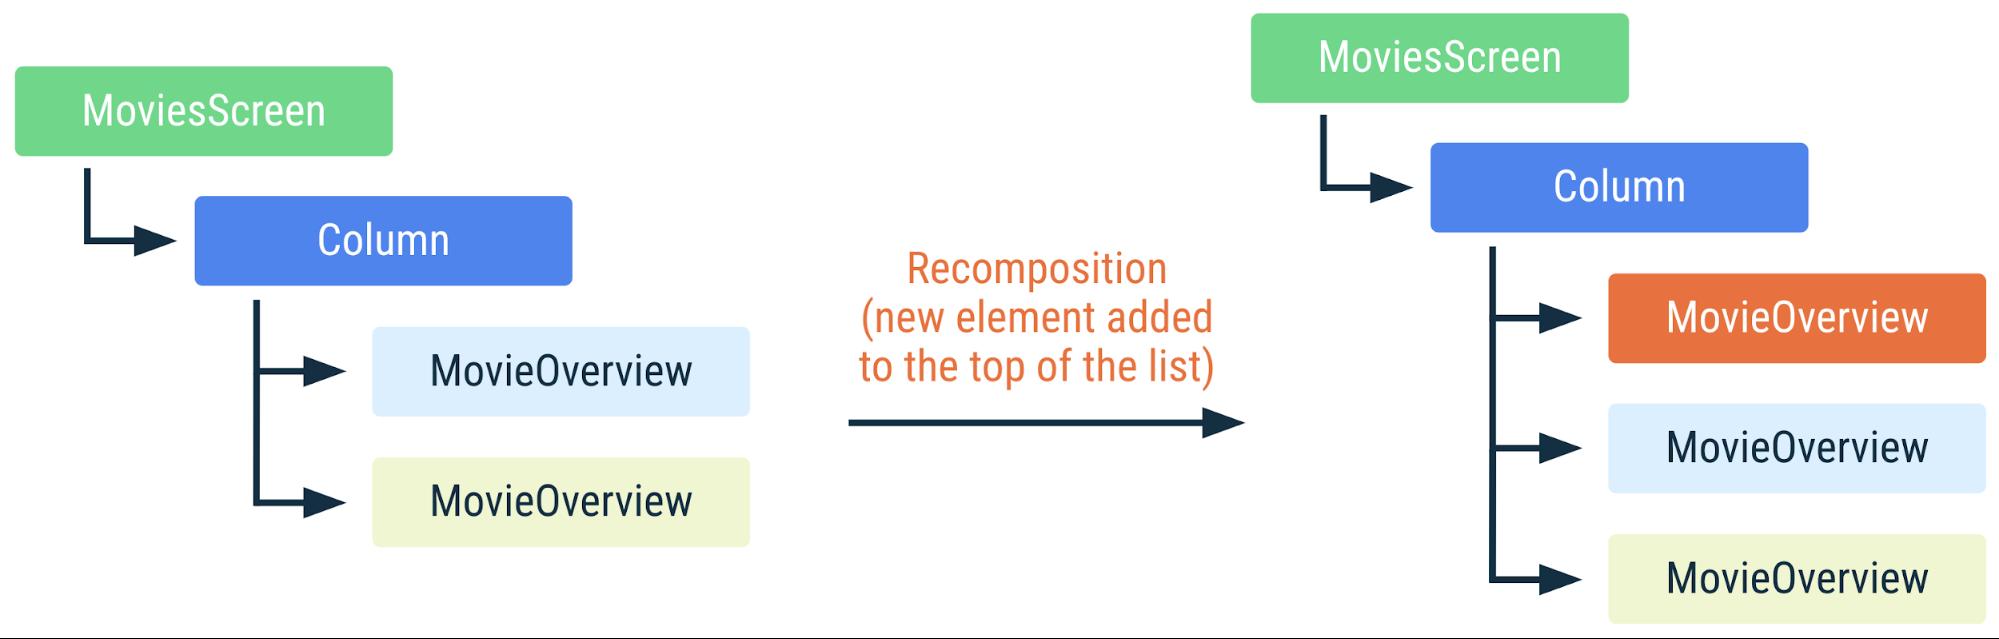 Diagrama mostrando como ocorre a recomposição do código anterior se um novo elemento for adicionado ao topo da lista. Como os itens da lista são identificados por chaves, o Compose sabe que não é necessário realizar a recomposição, mesmo que as posições tenham sido alteradas.